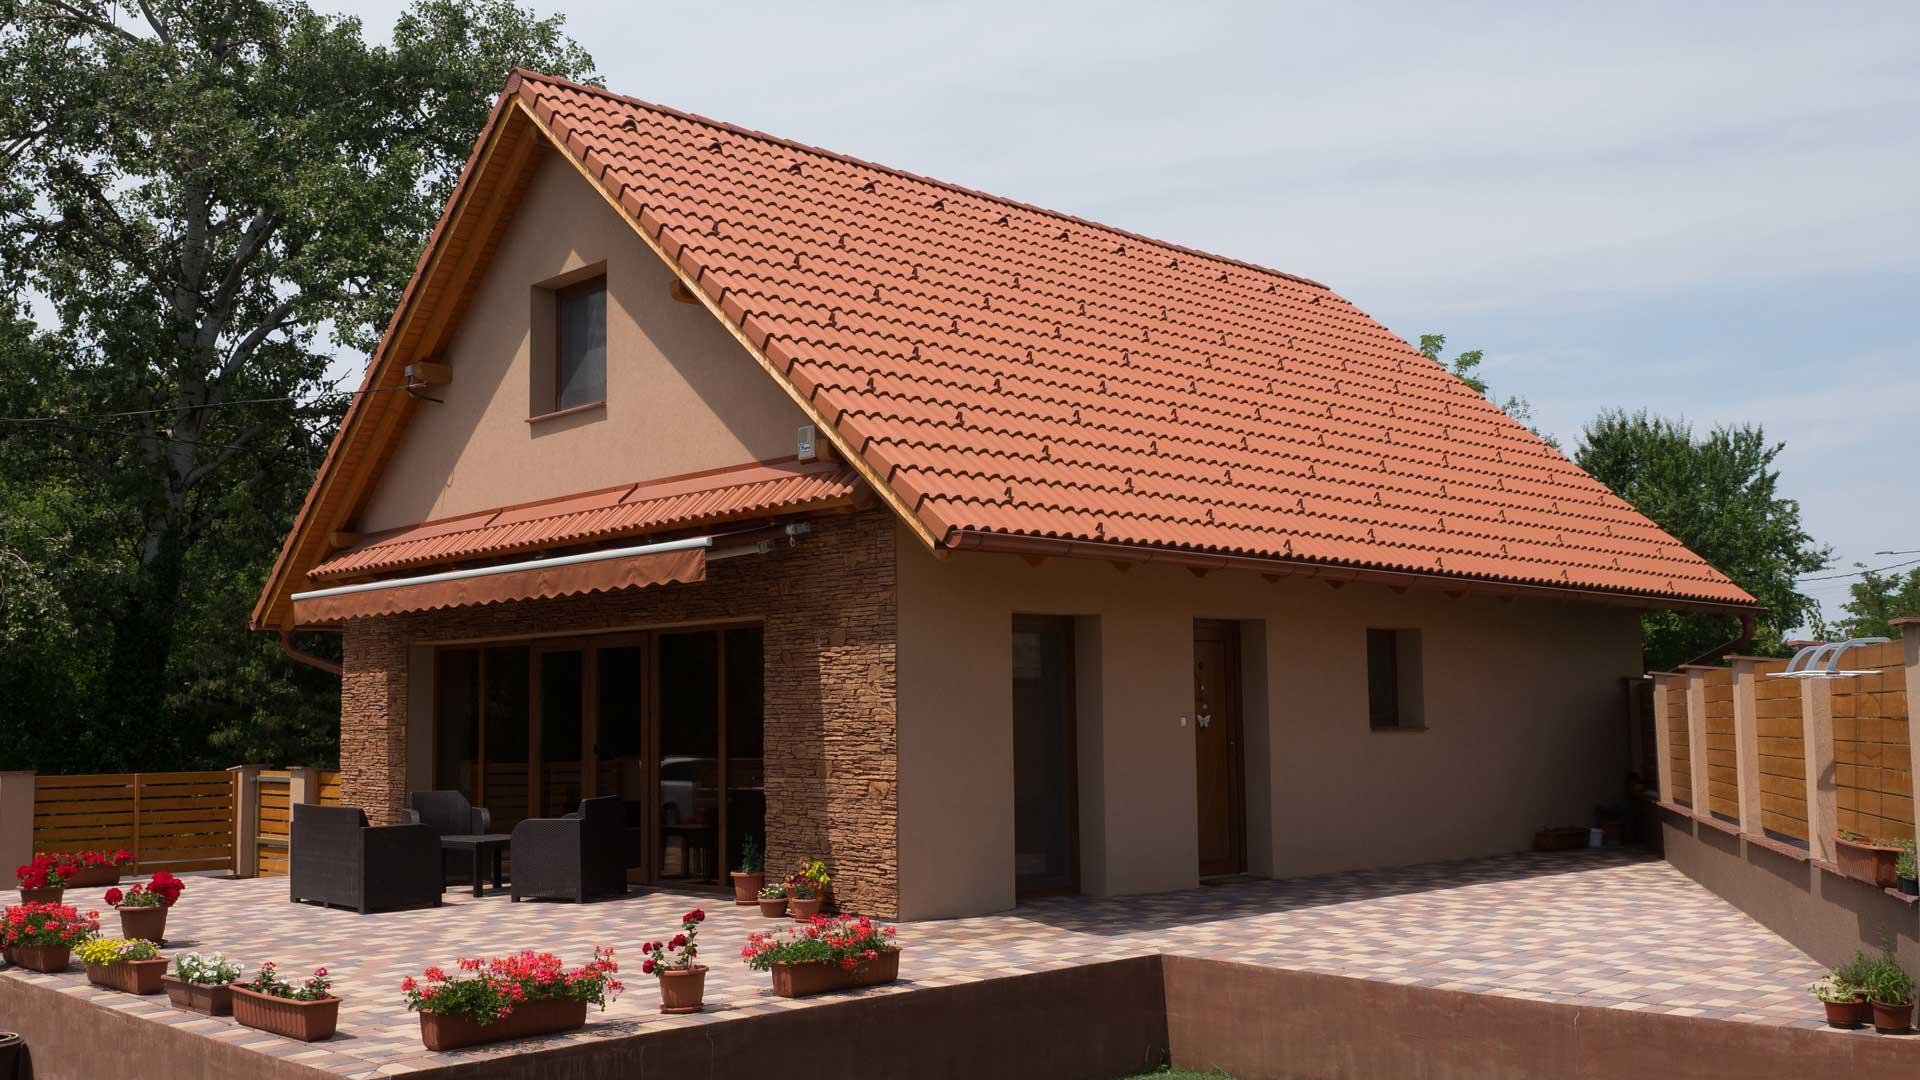 Gazdaságos tetőcserép